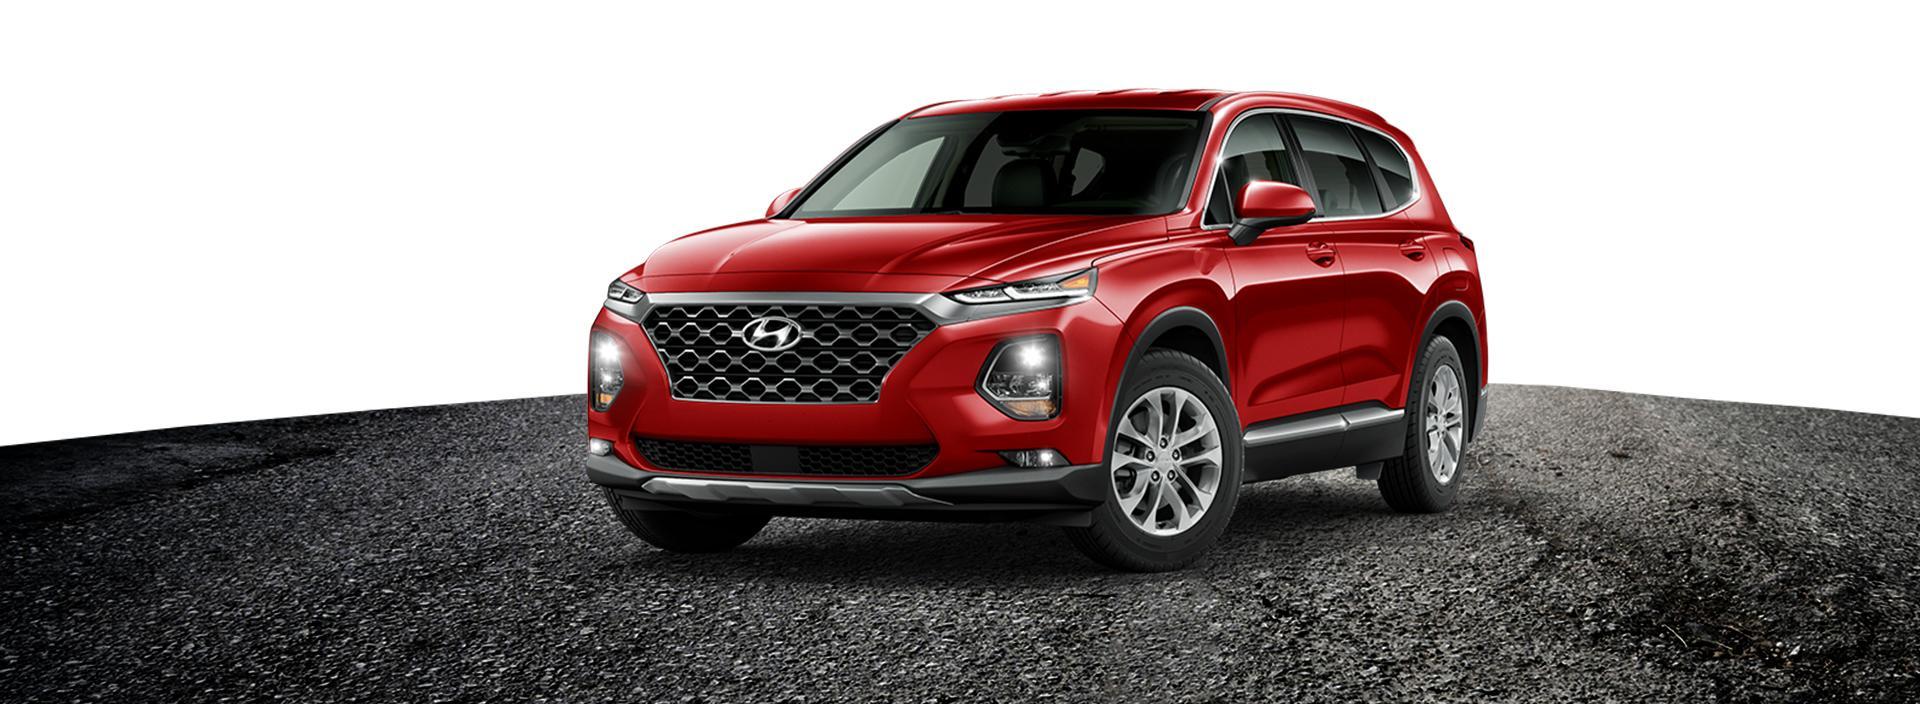 Red Hyundai Santa Fe